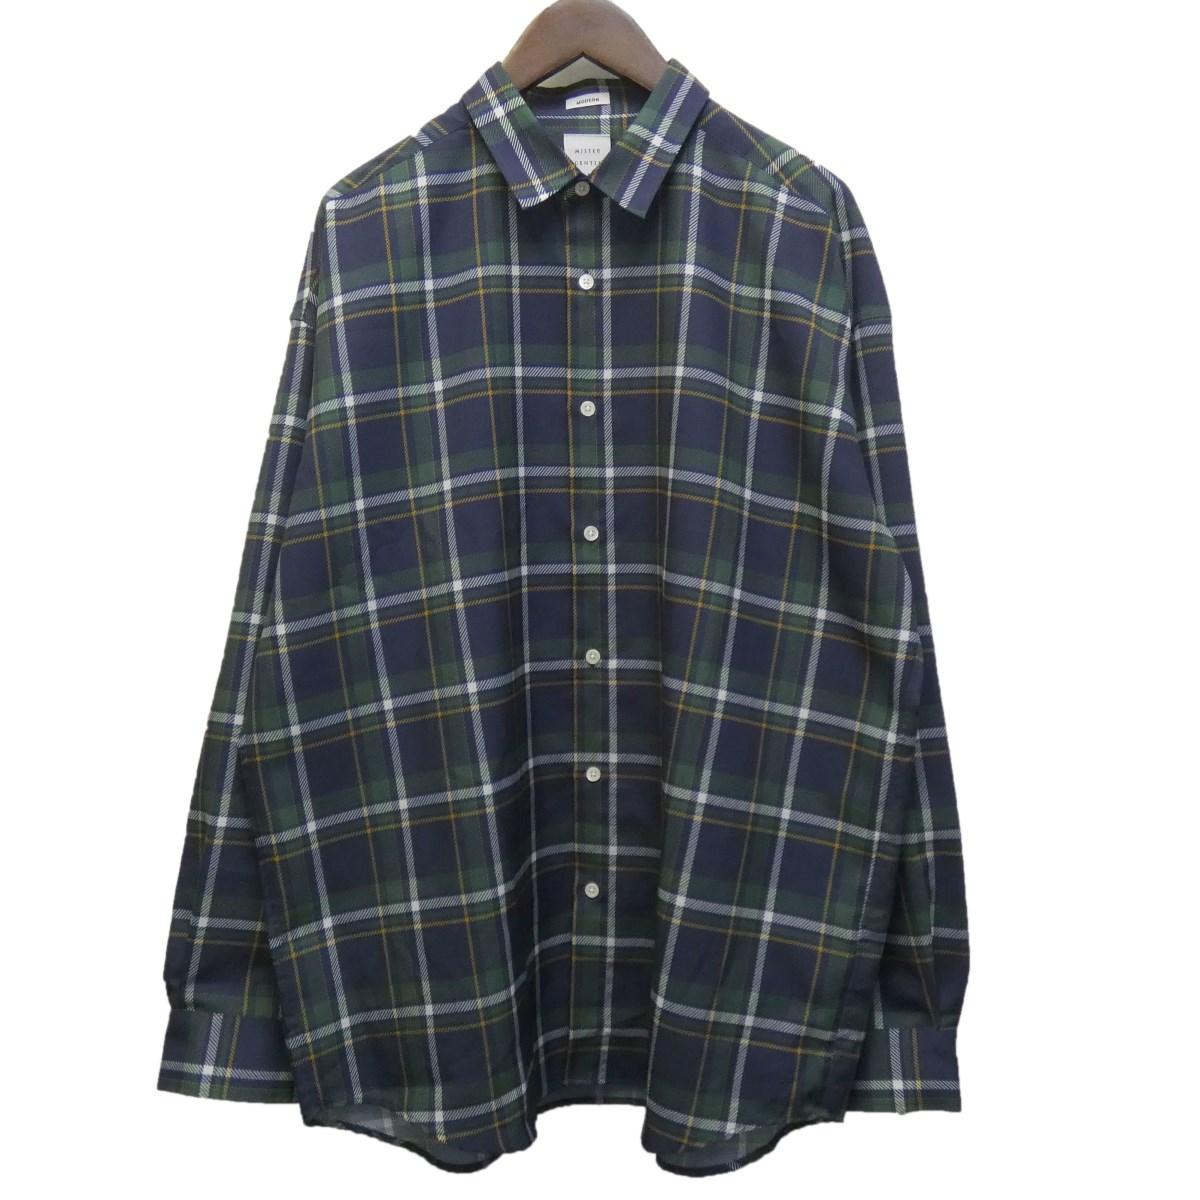 【中古】MR.GENTLEMAN 20SS 「MADRAS CHECK MODERN SHIRT」 チェックシャツ グリーン×ネイビー サイズ:XL 【170420】(ミスタージェントルマン)